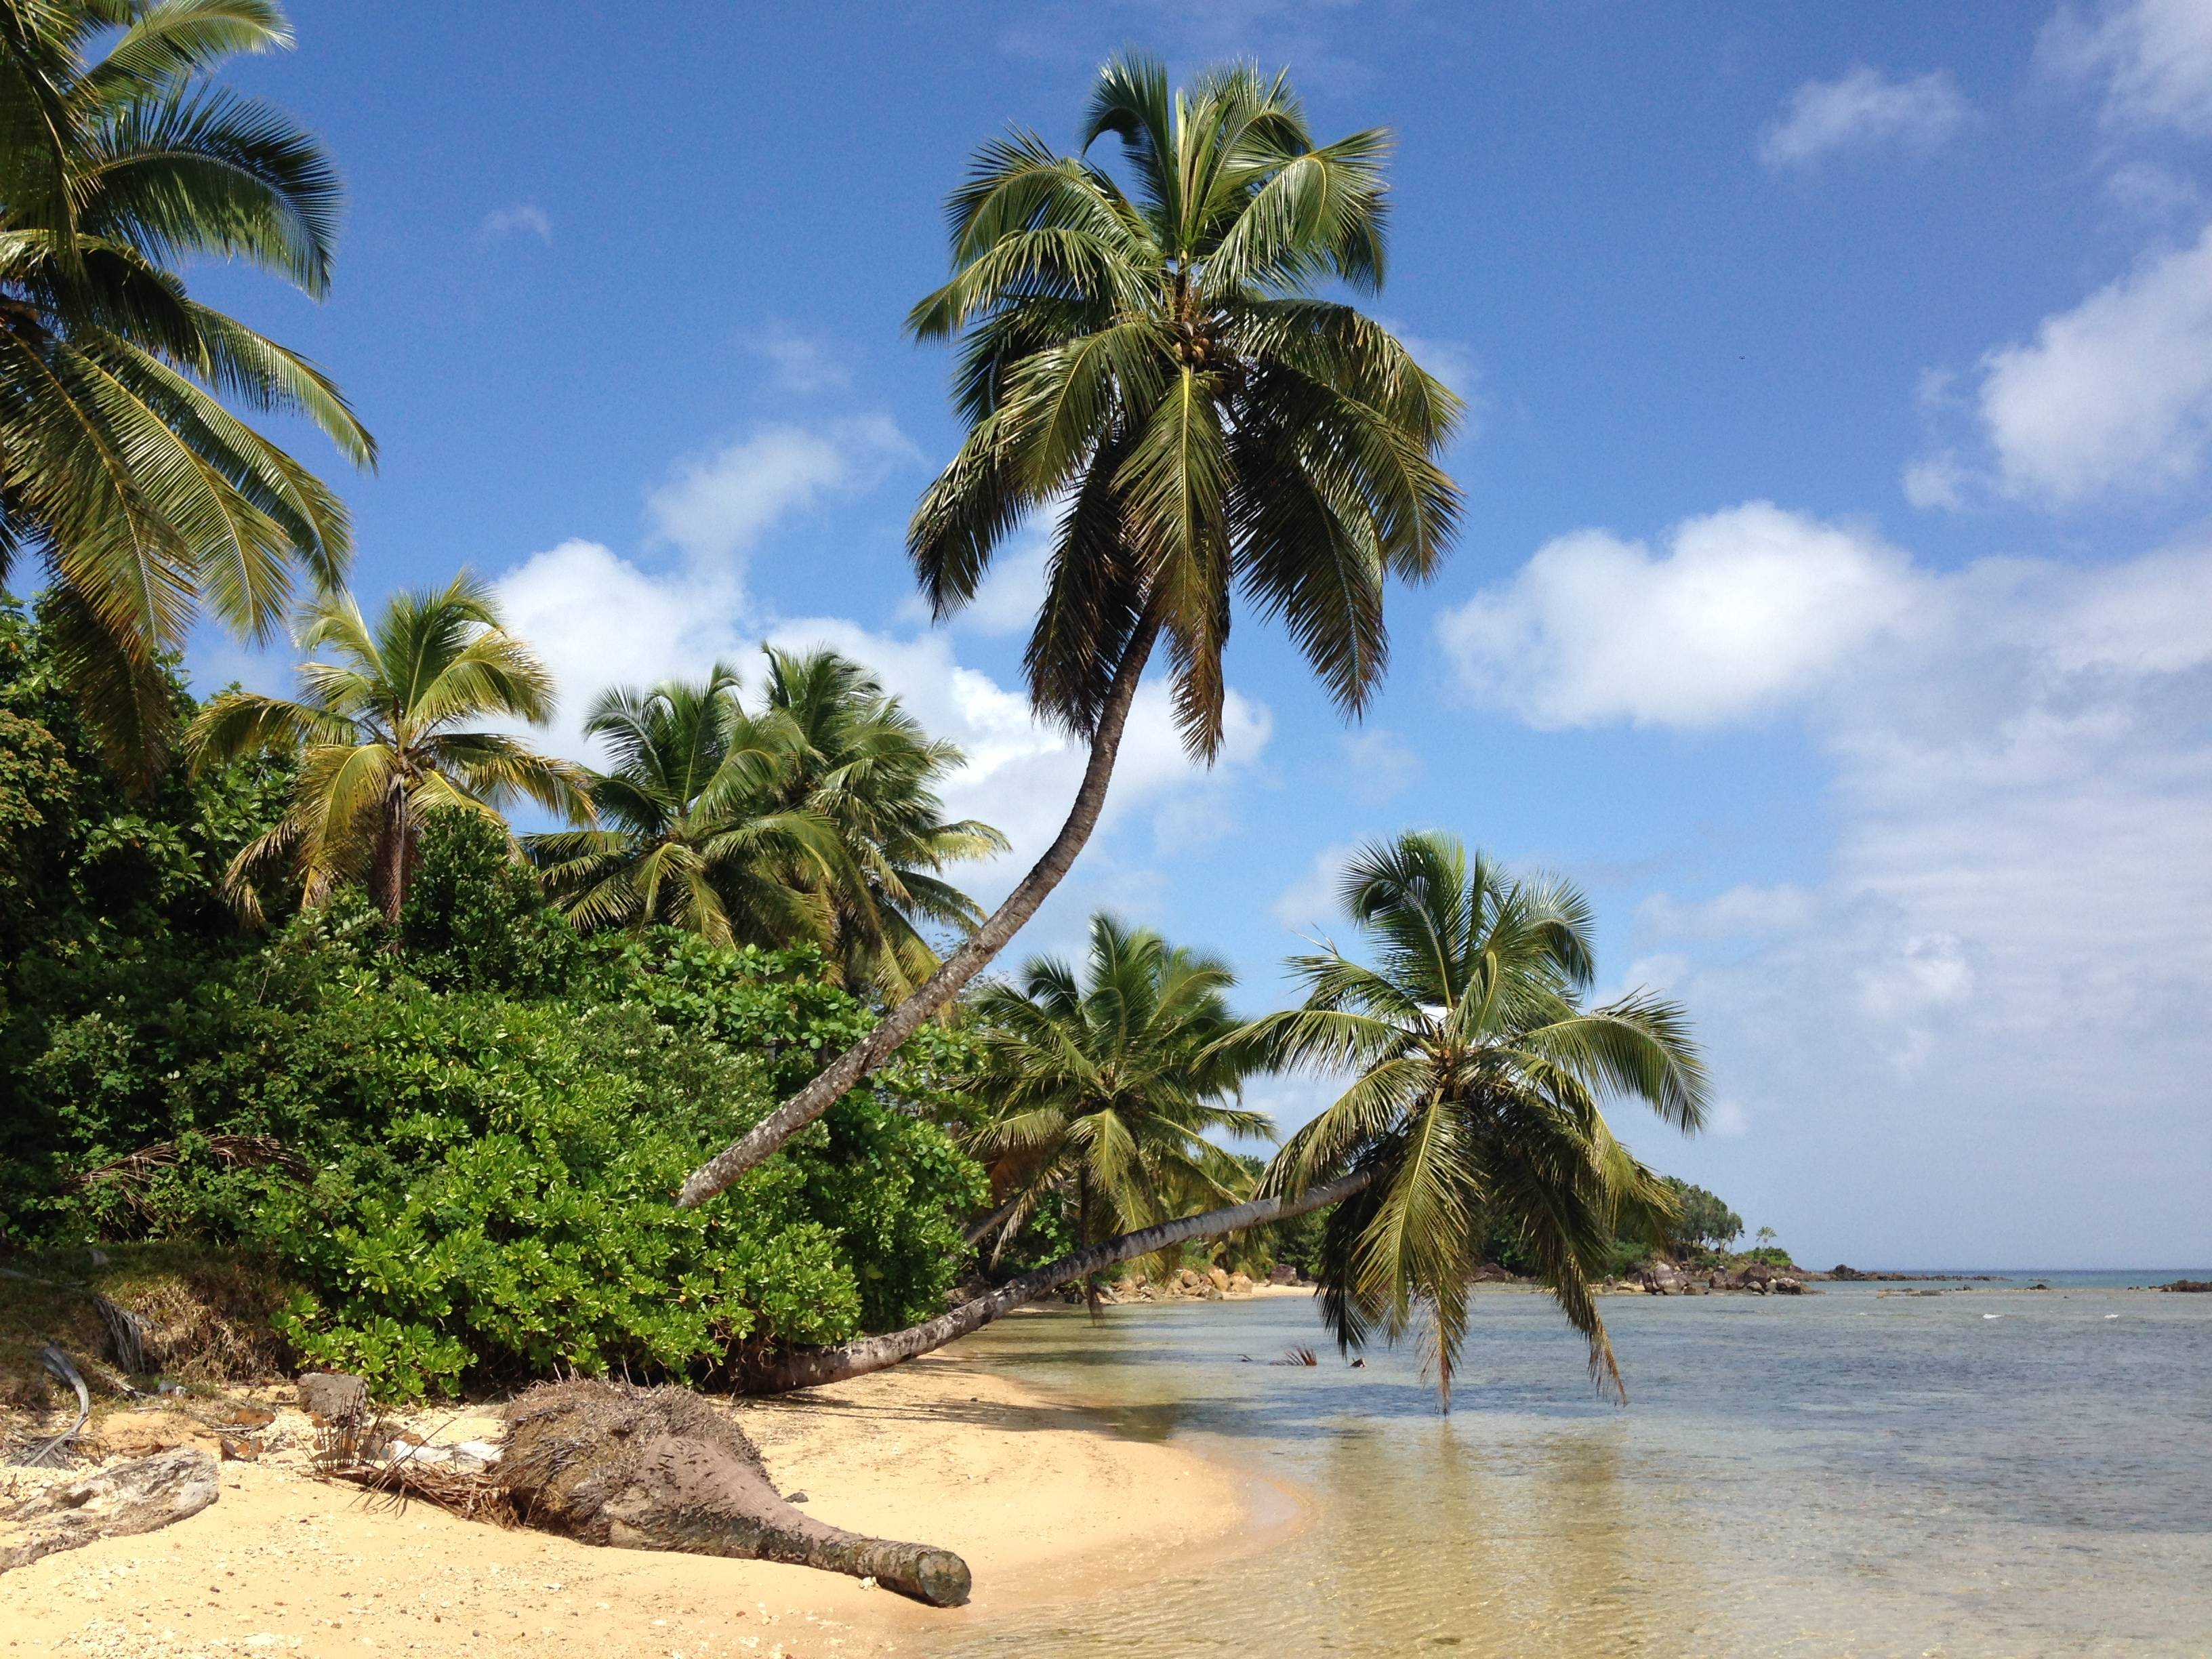 Photo 2: Ile de Sainte-Marie et Ile aux Nattes